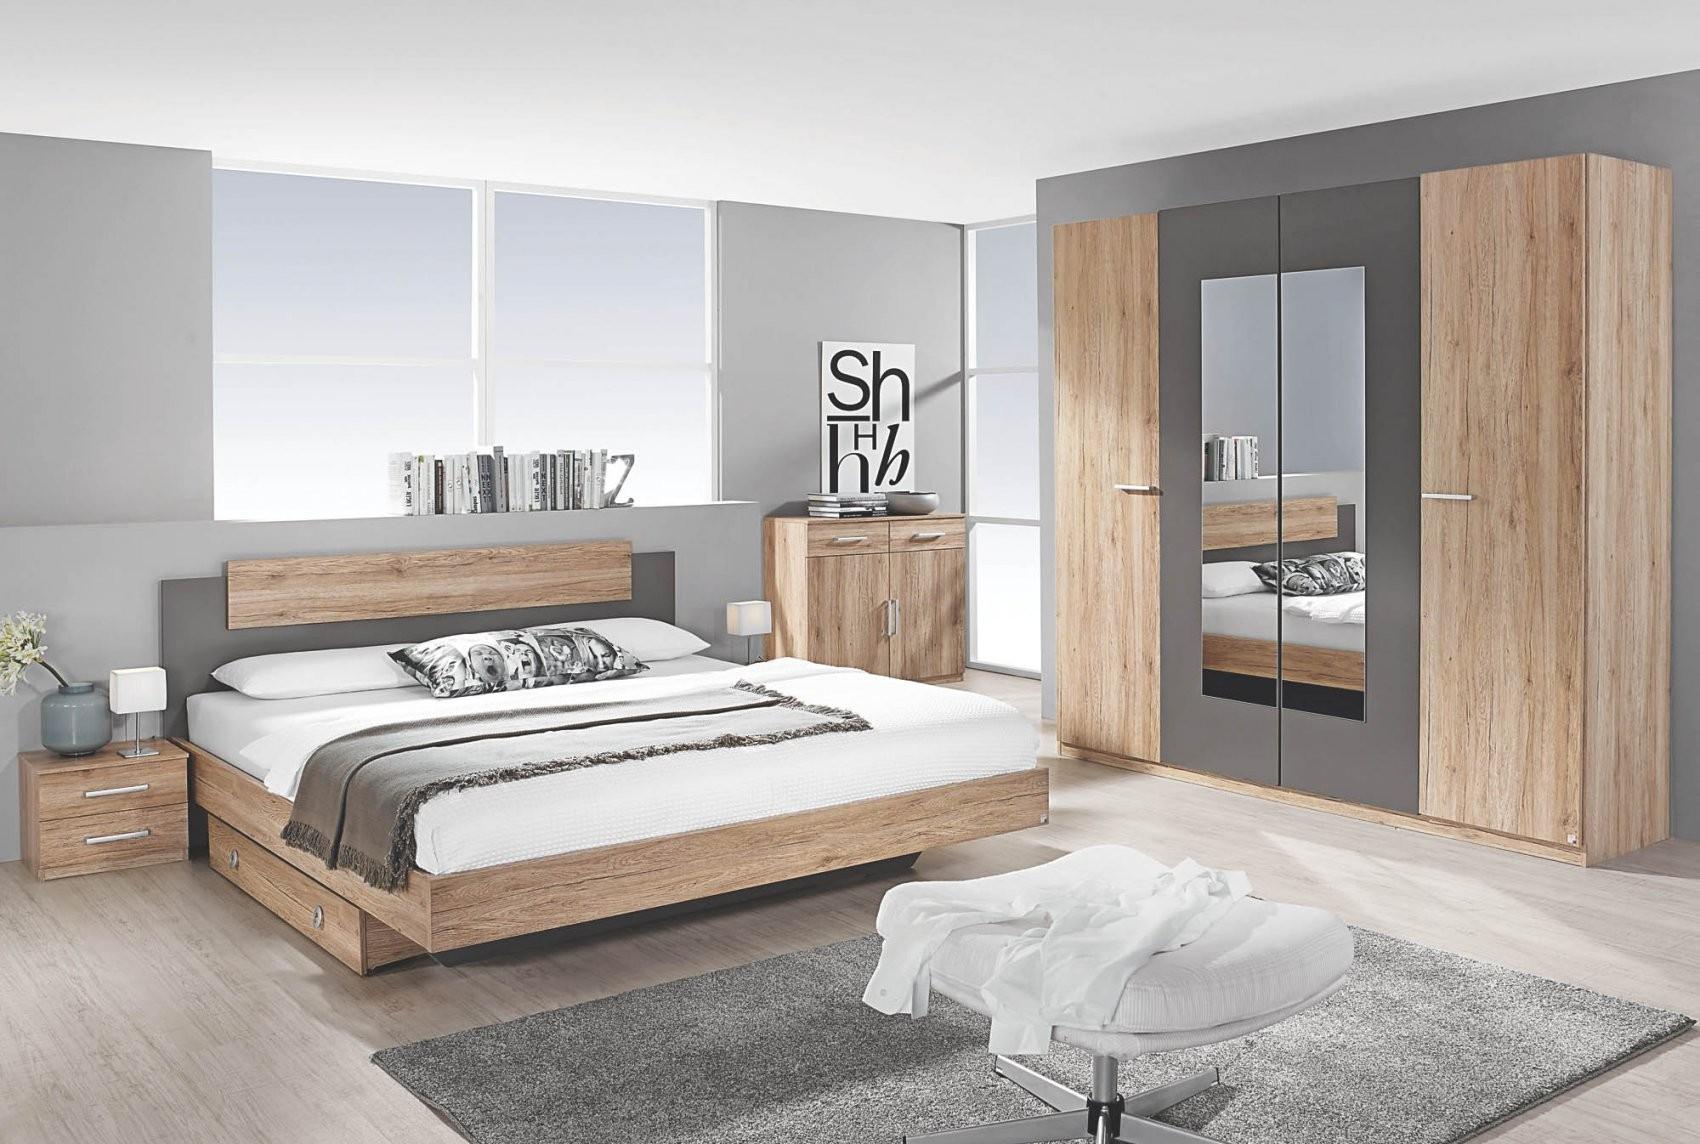 Schlafzimmer 4Tlg Borba Von Rauch Packs Mit 160X200 Bett Eiche von Bett Sonoma Eiche 160X200 Photo